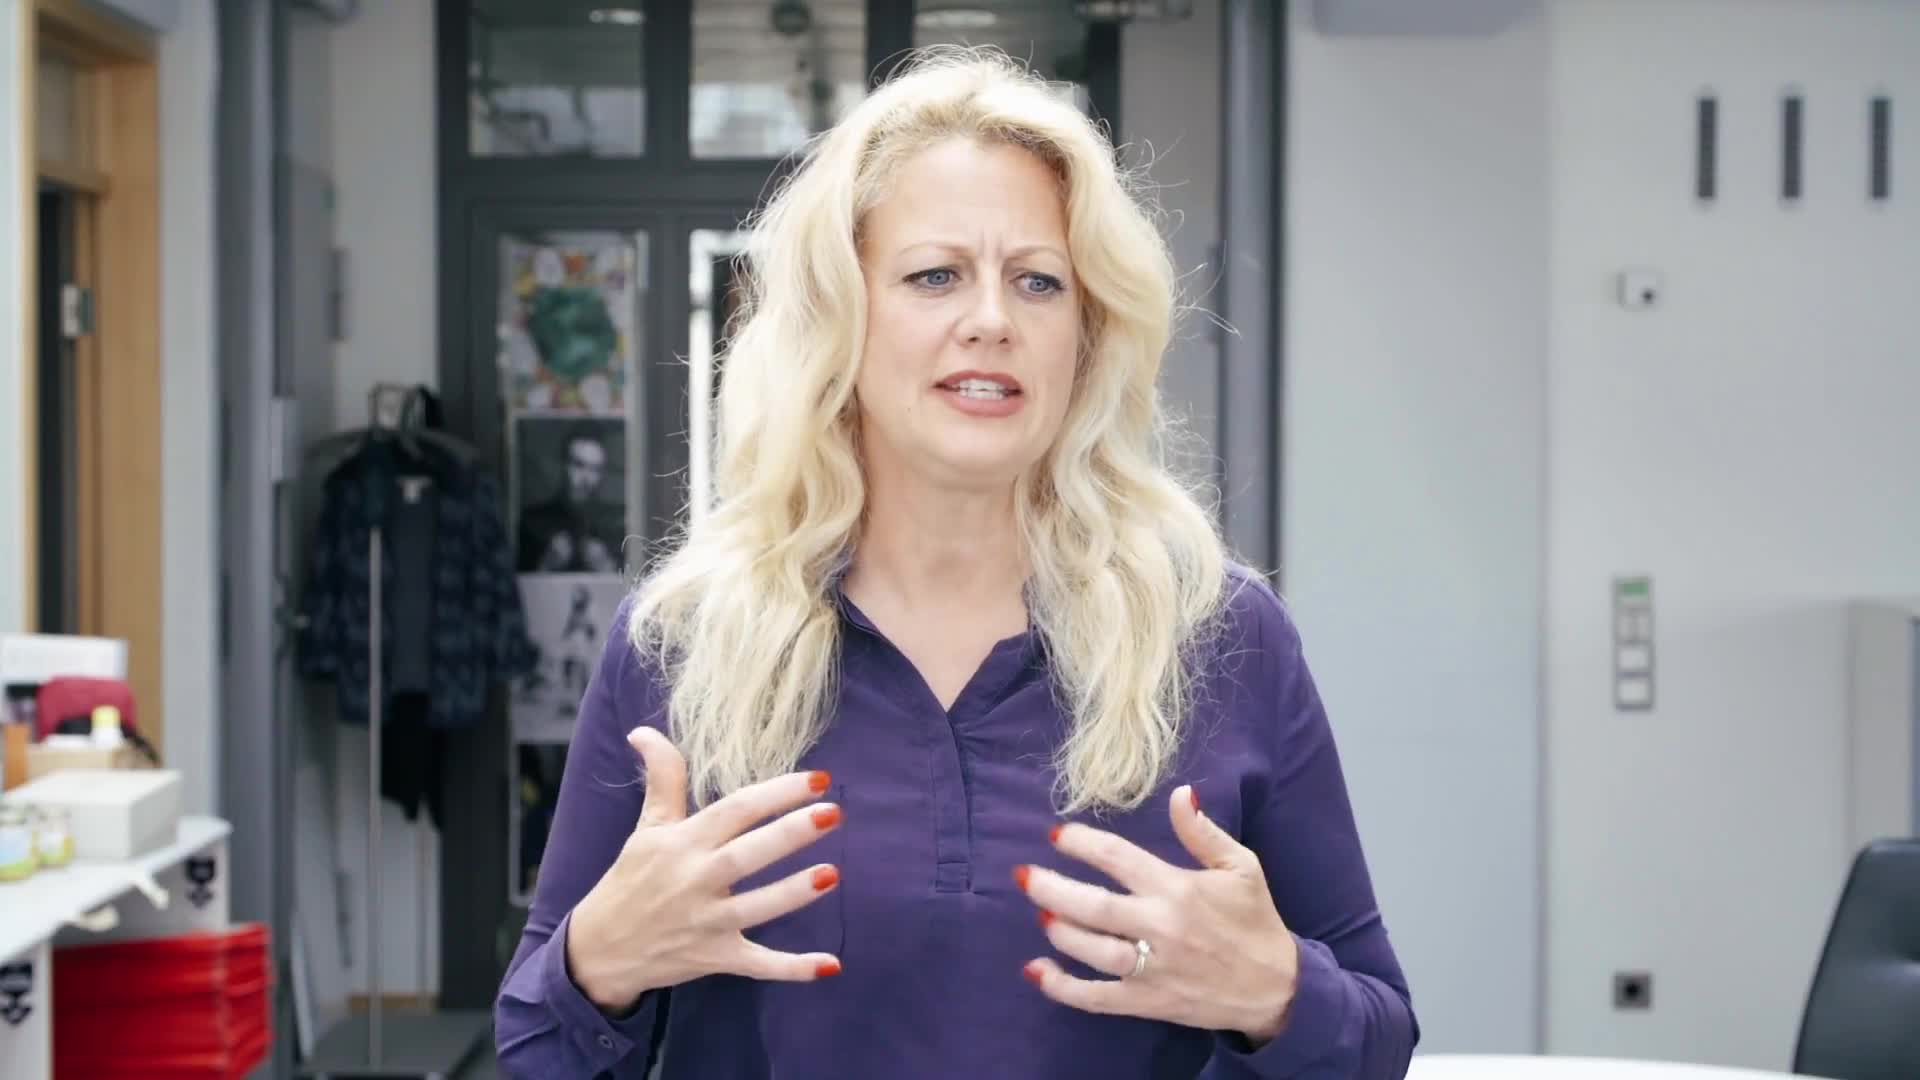 Barbara Schöneberger, Barbara Schöneberger GIFs